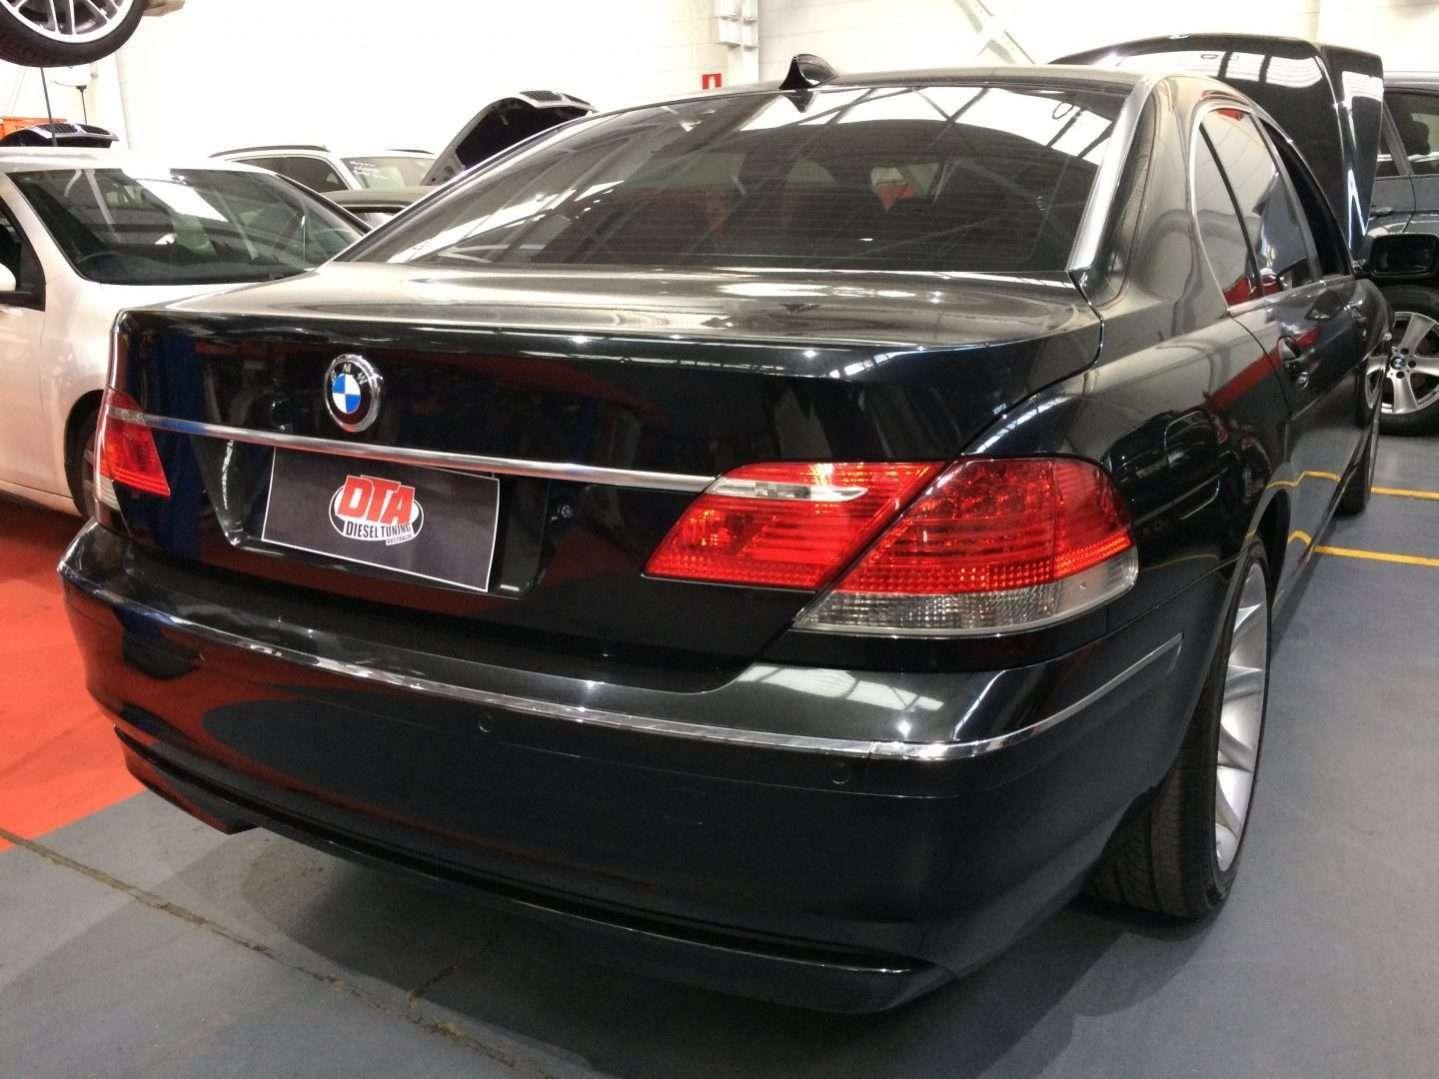 BMW 730d 180 kW ECU REMAP - Diesel tuning specialist